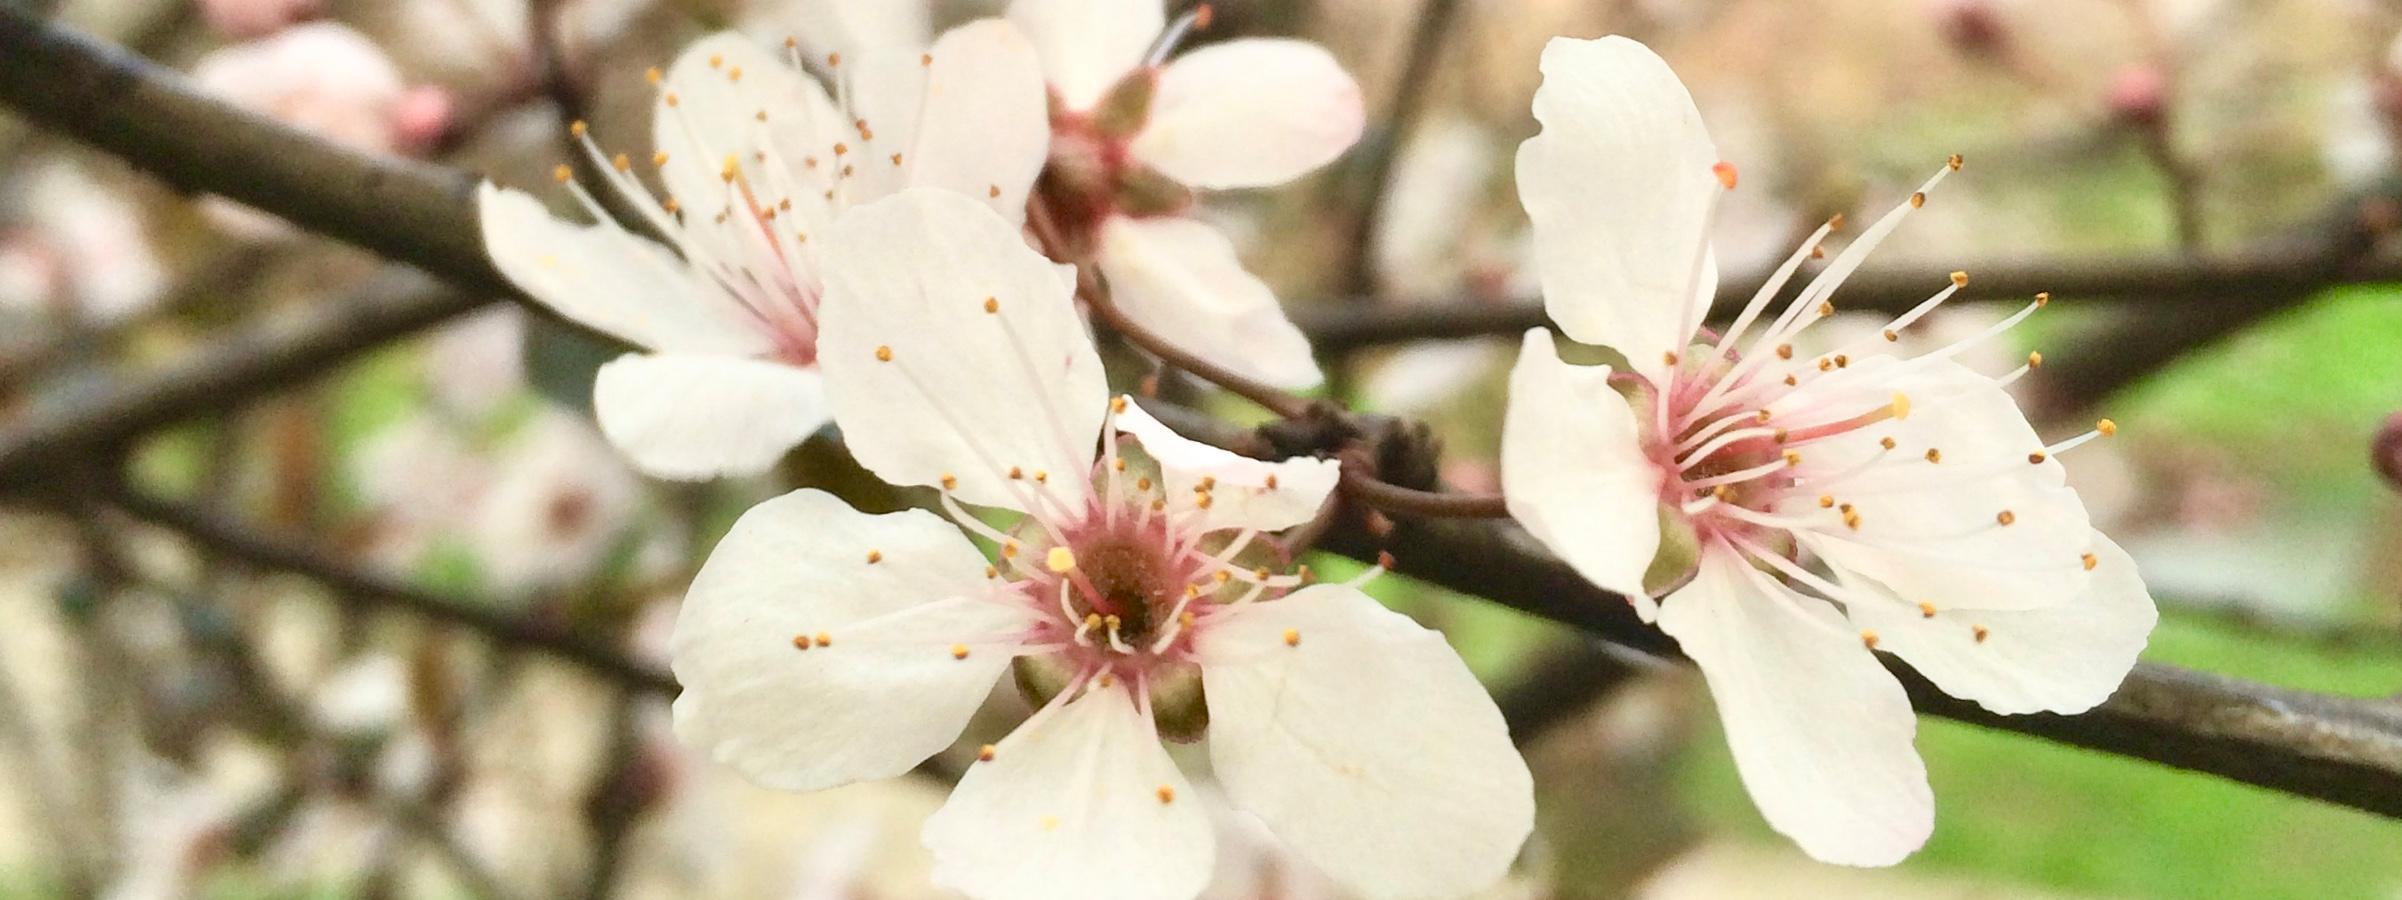 【阳春三月赏花季】梨花:花瓣洁白丰润、一簇簇地开放在绿叶间,花蕊颜色深,略带点红色  李琴琴 /摄